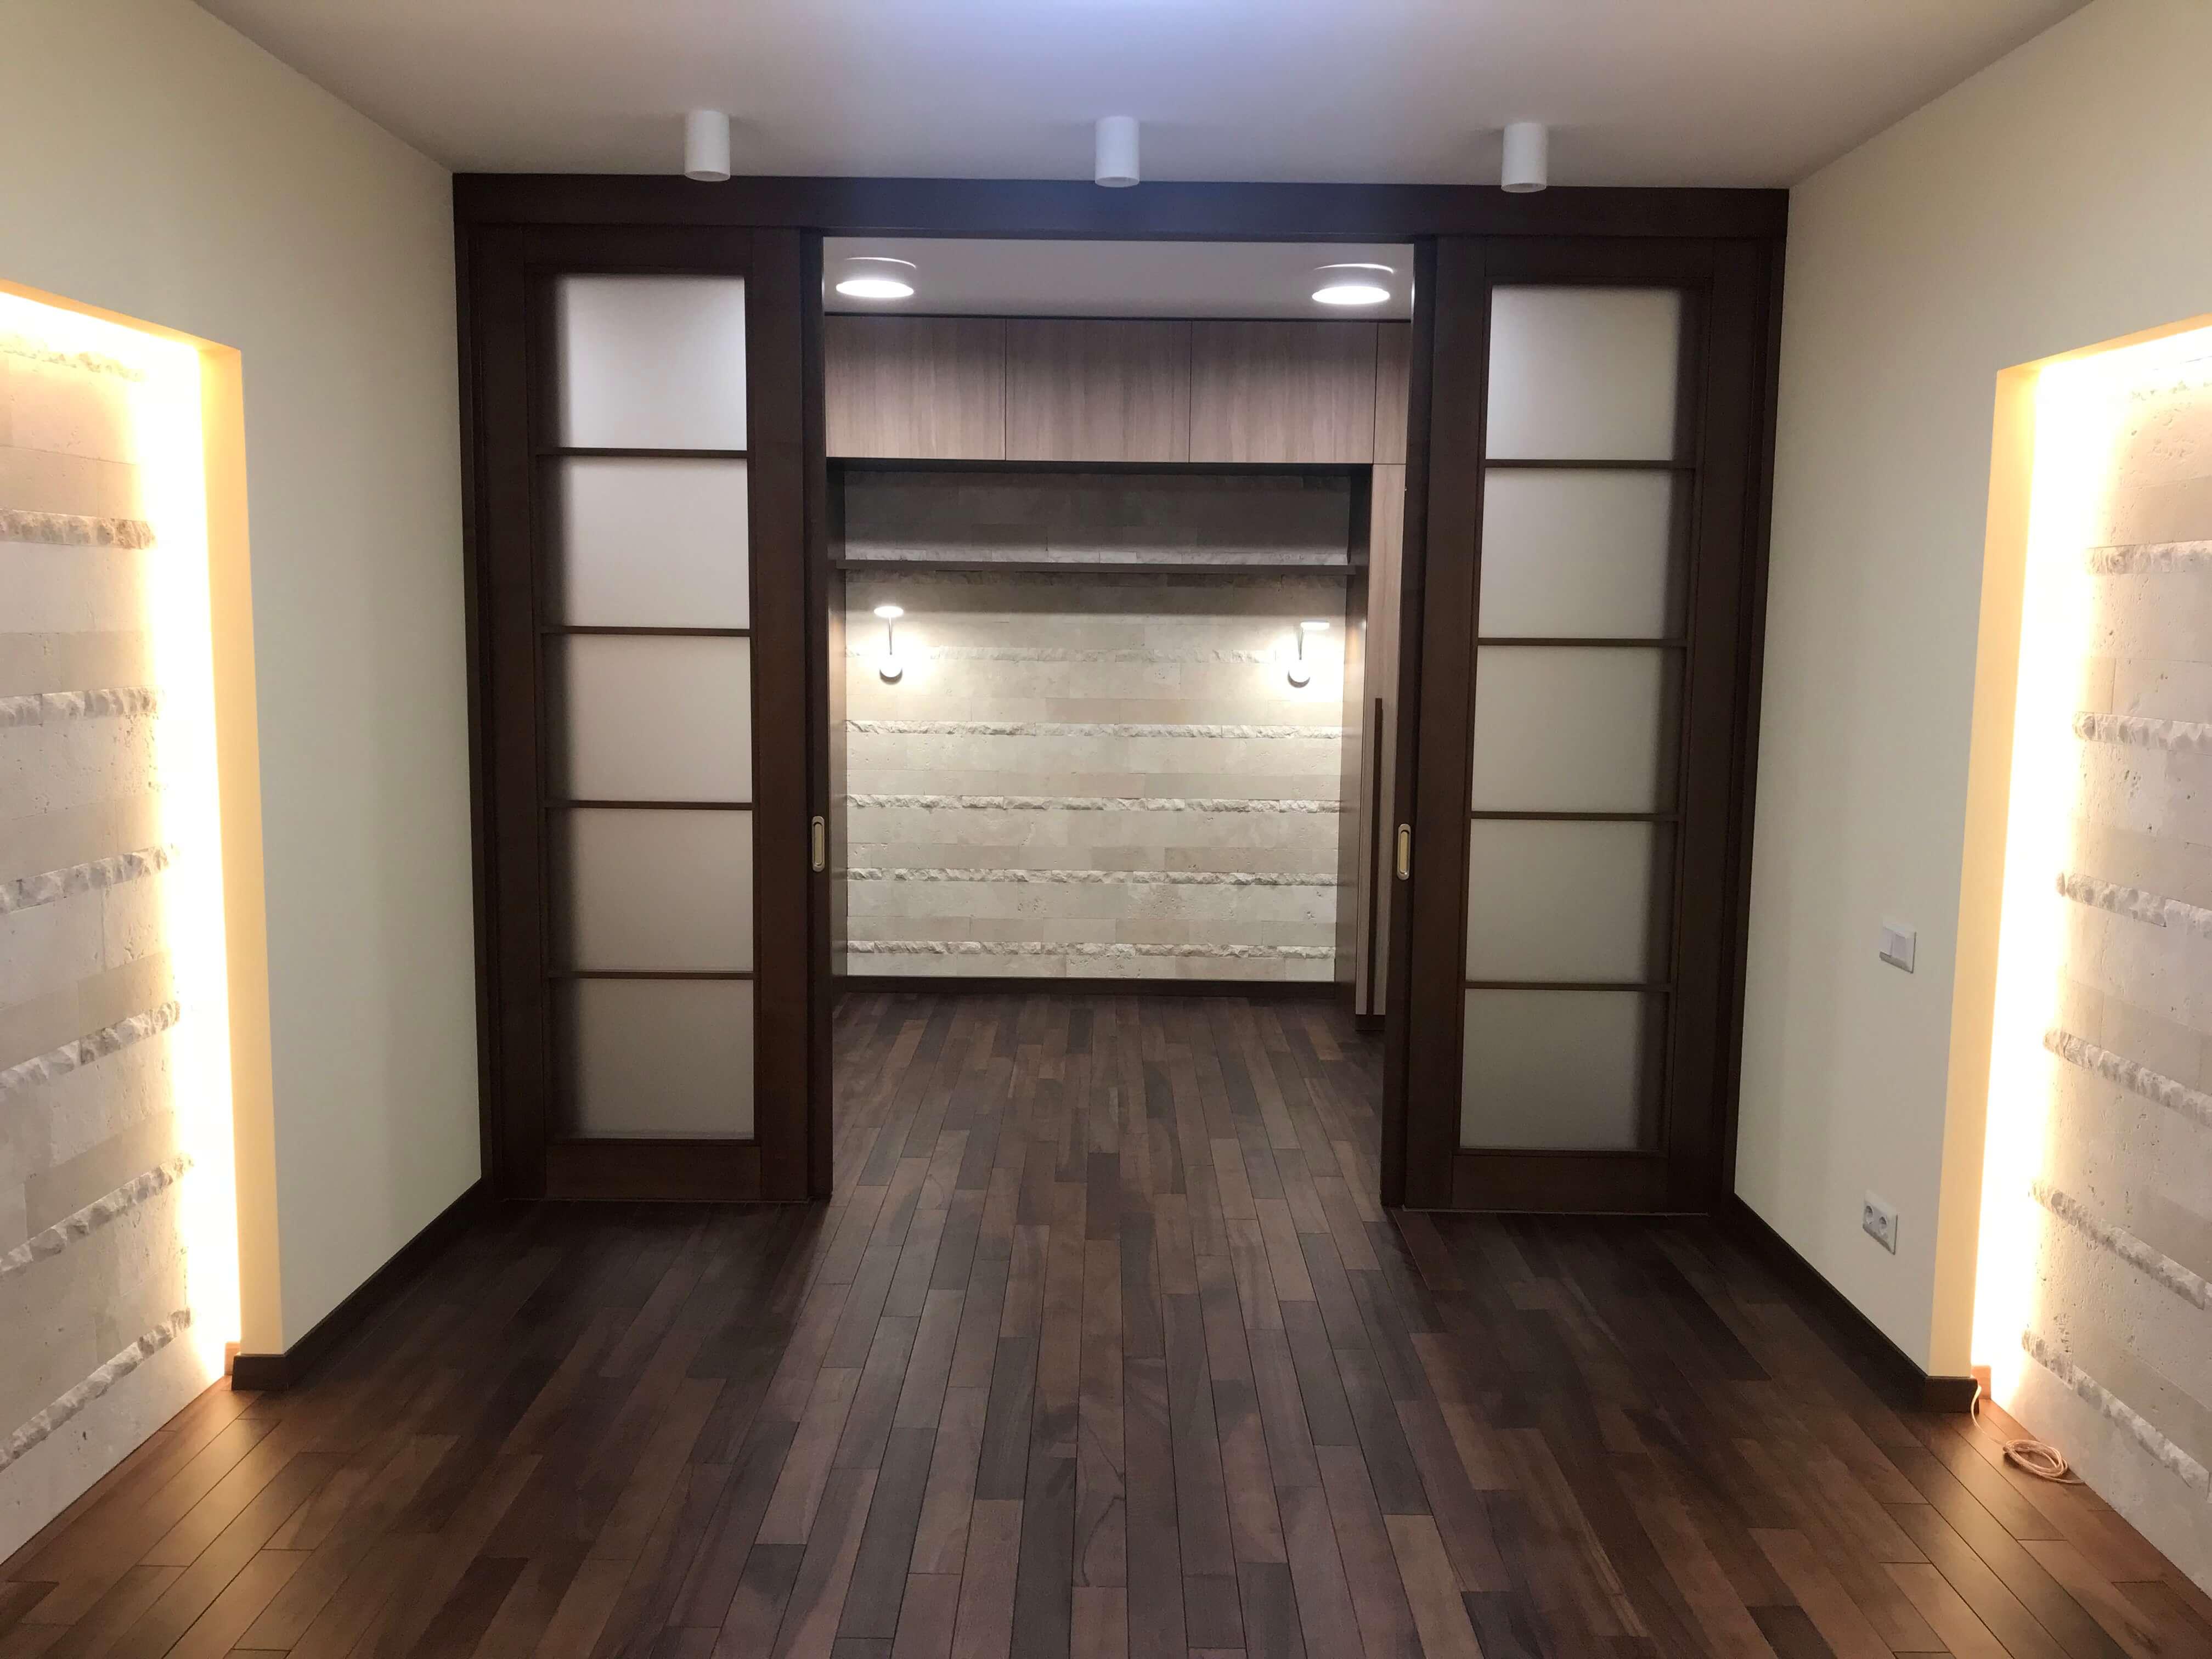 раздвижные двери и подсветка